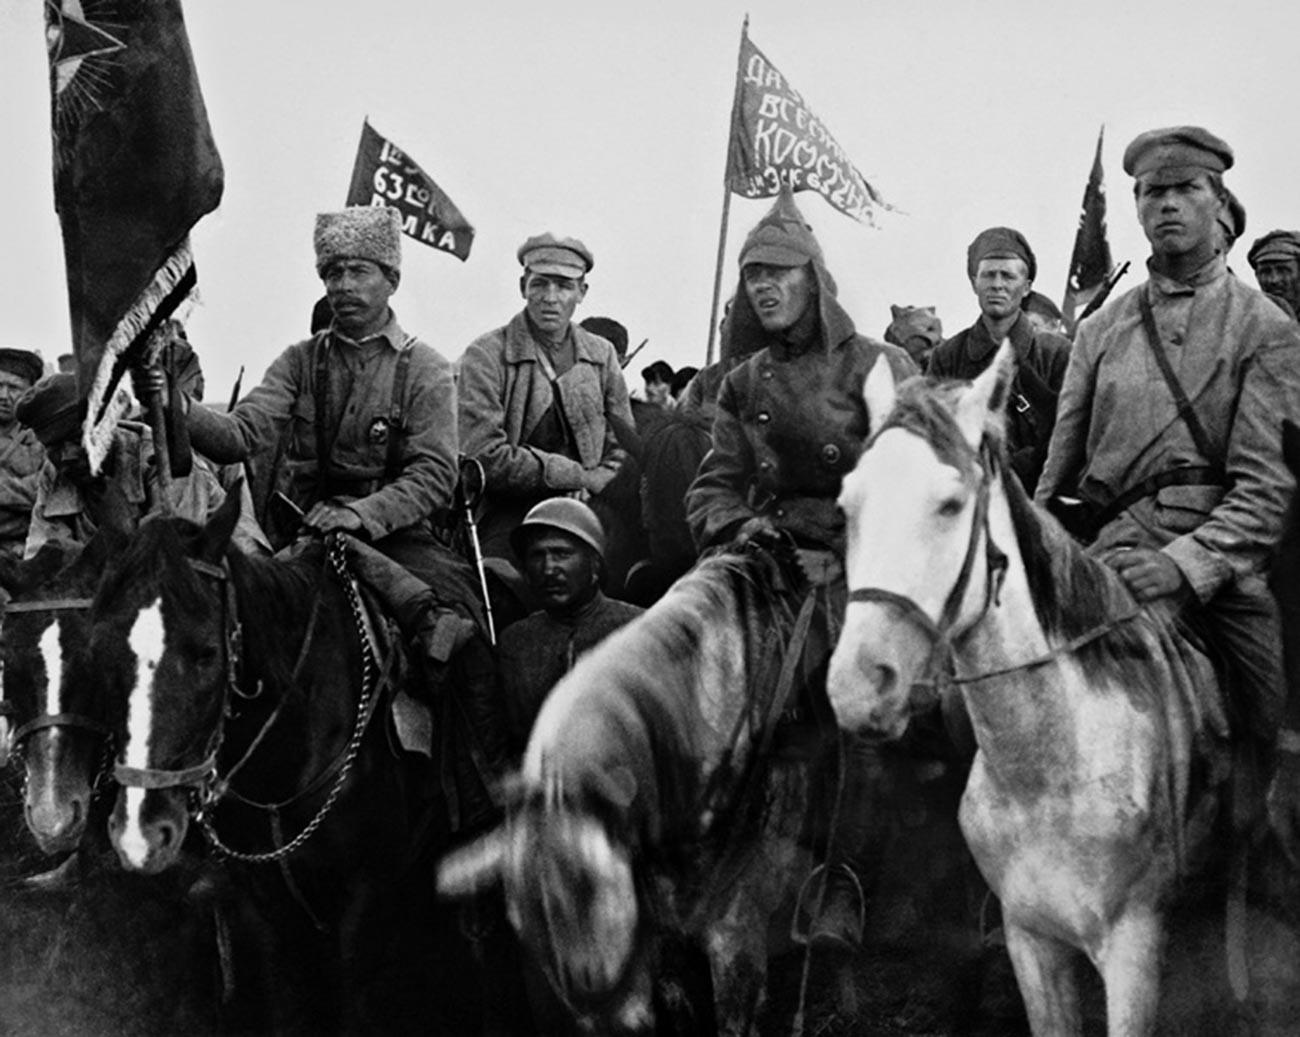 Бойцы Первой конной армии Буденного на митинге.